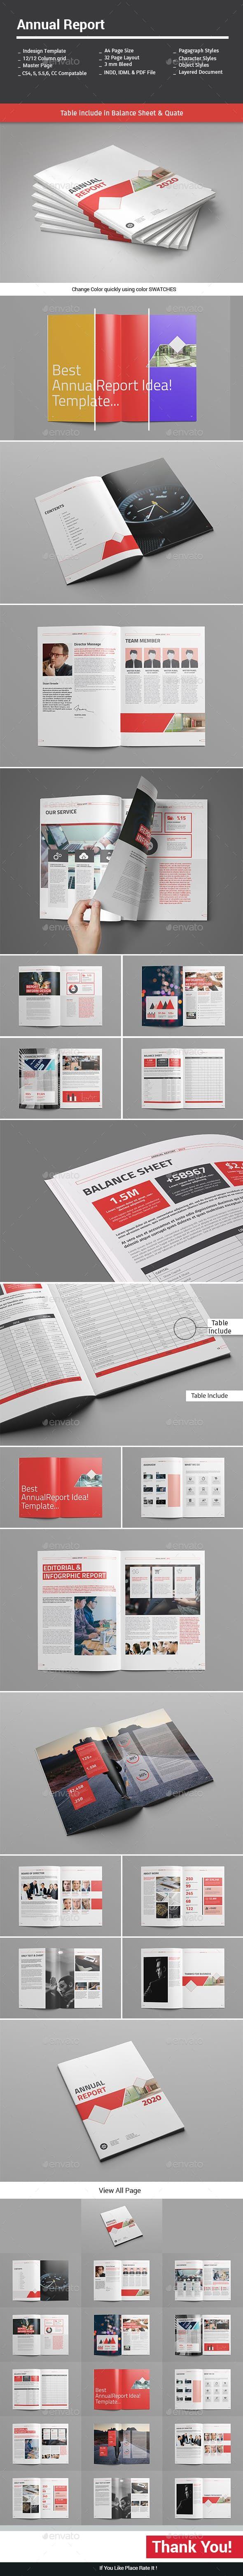 Annual Report by alimran10   GraphicRiver   Annual report ...